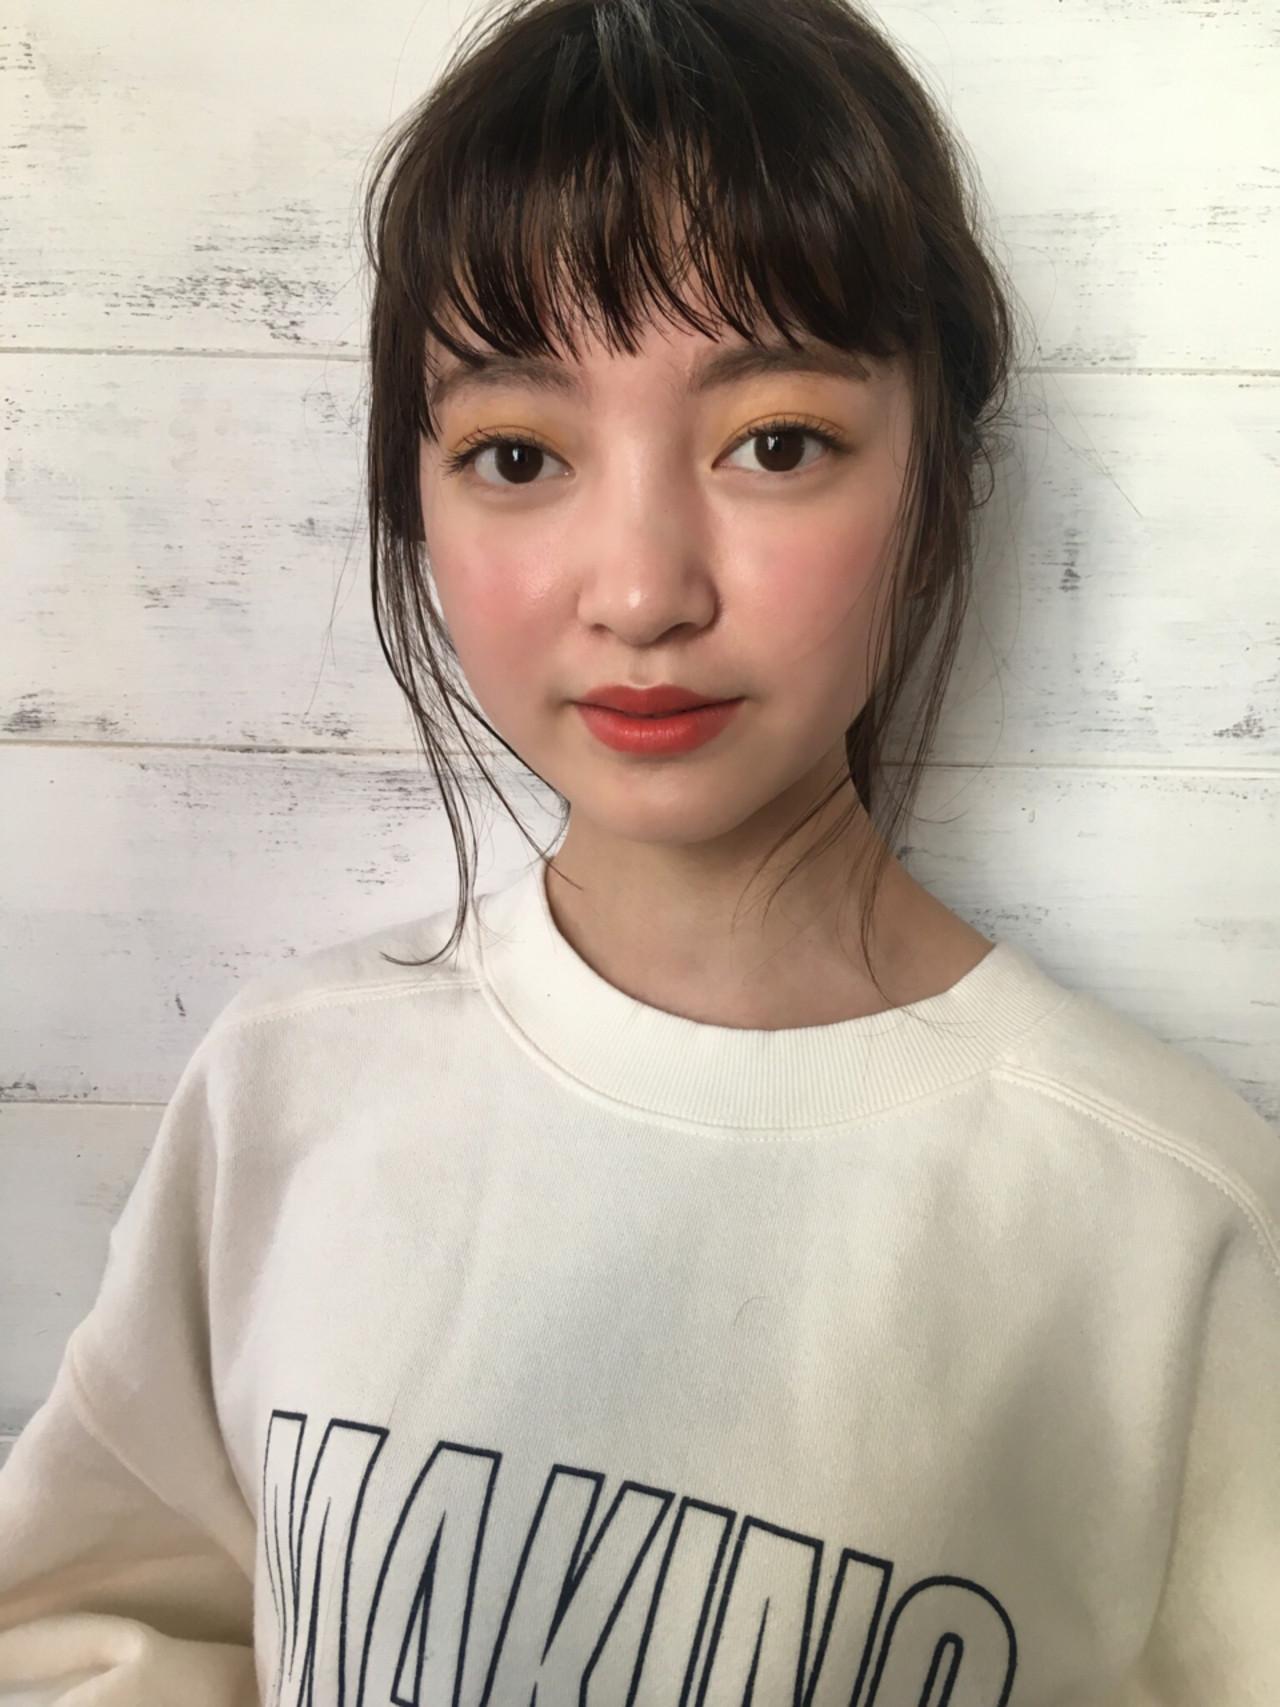 ナチュラル ミディアム ヘアスタイルや髪型の写真・画像 | joemi by unami 森千里 / joemi by unami 新宿